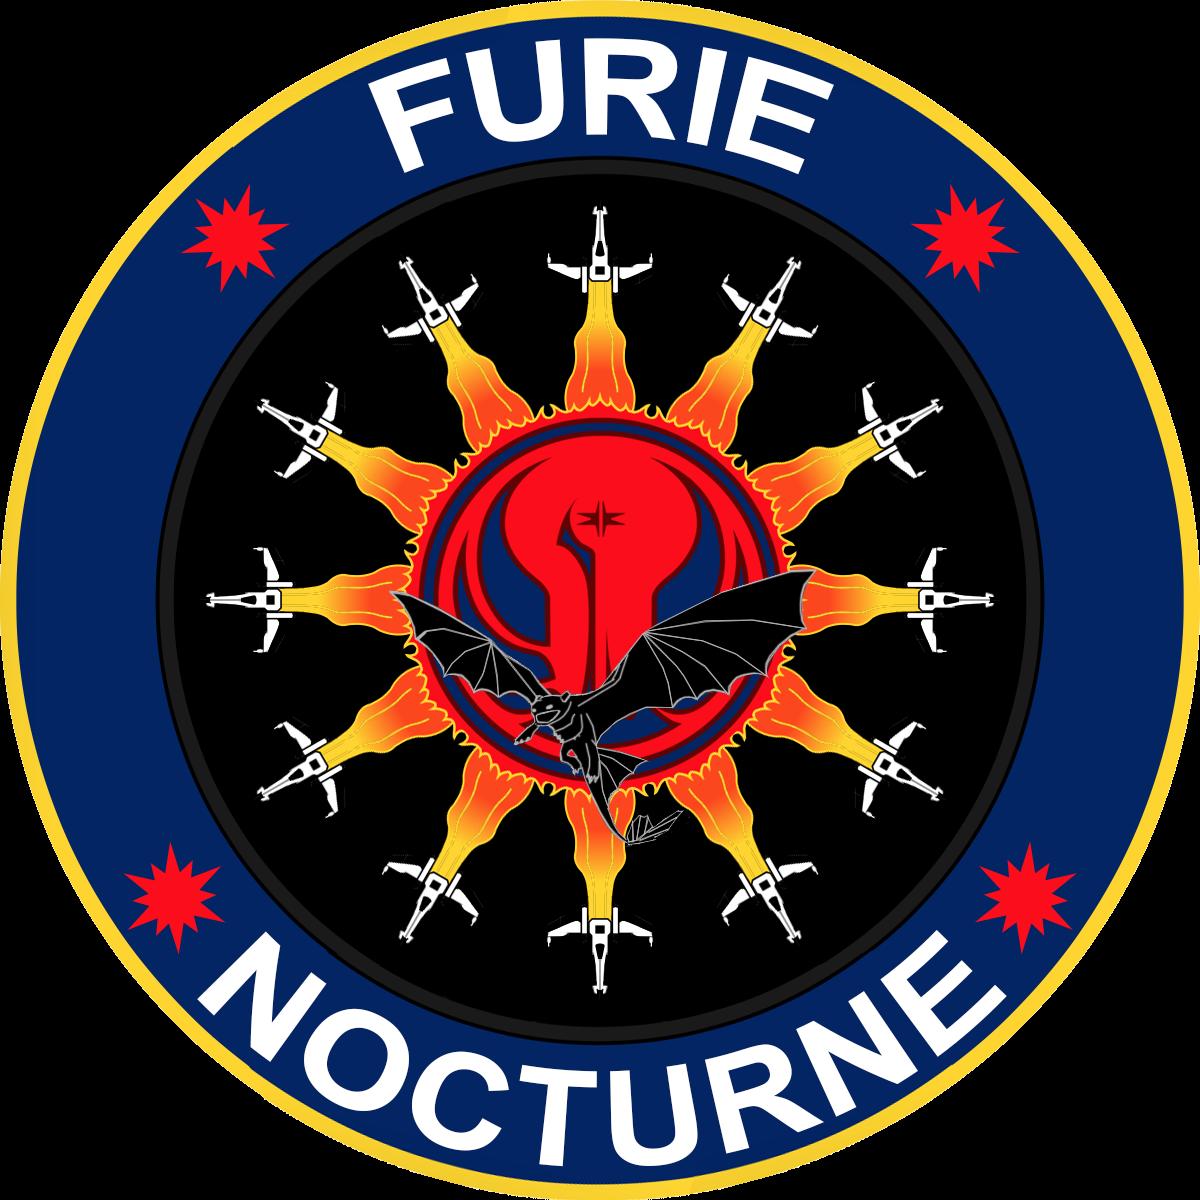 Un logo pour l'escadron ? Logo_Escadron_Furie_Nocturnebis